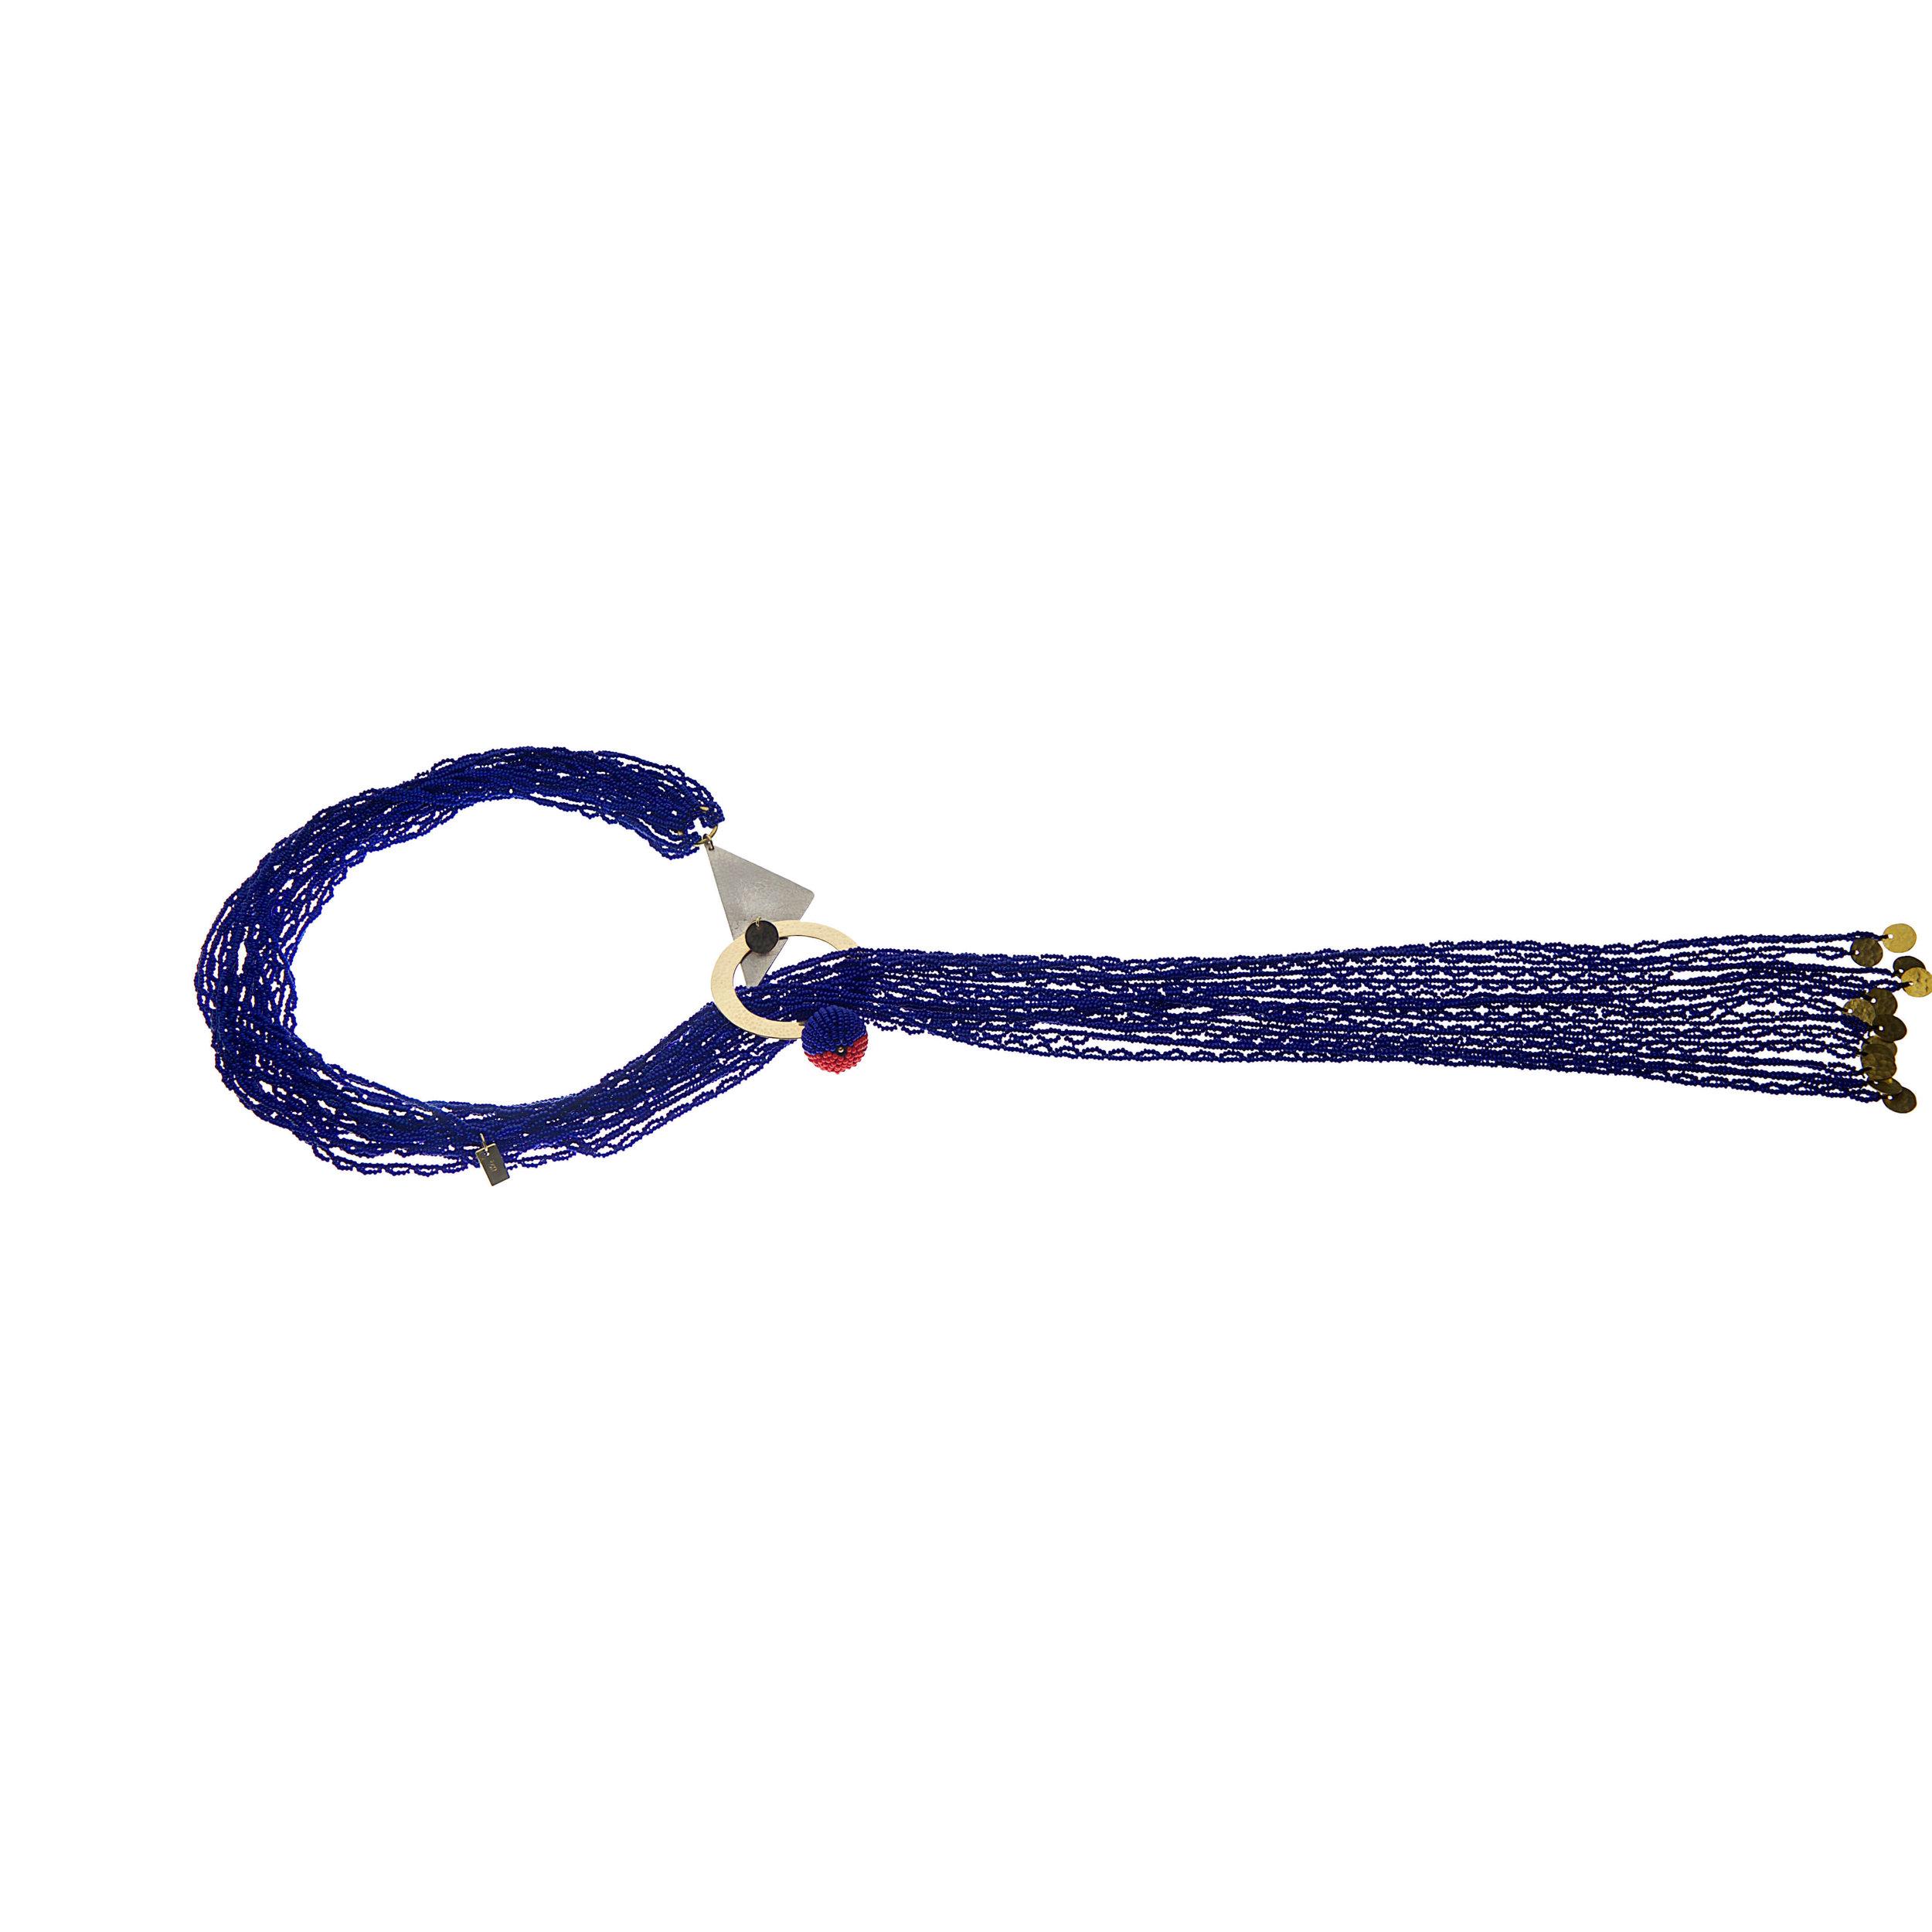 AAV 8 BLUE